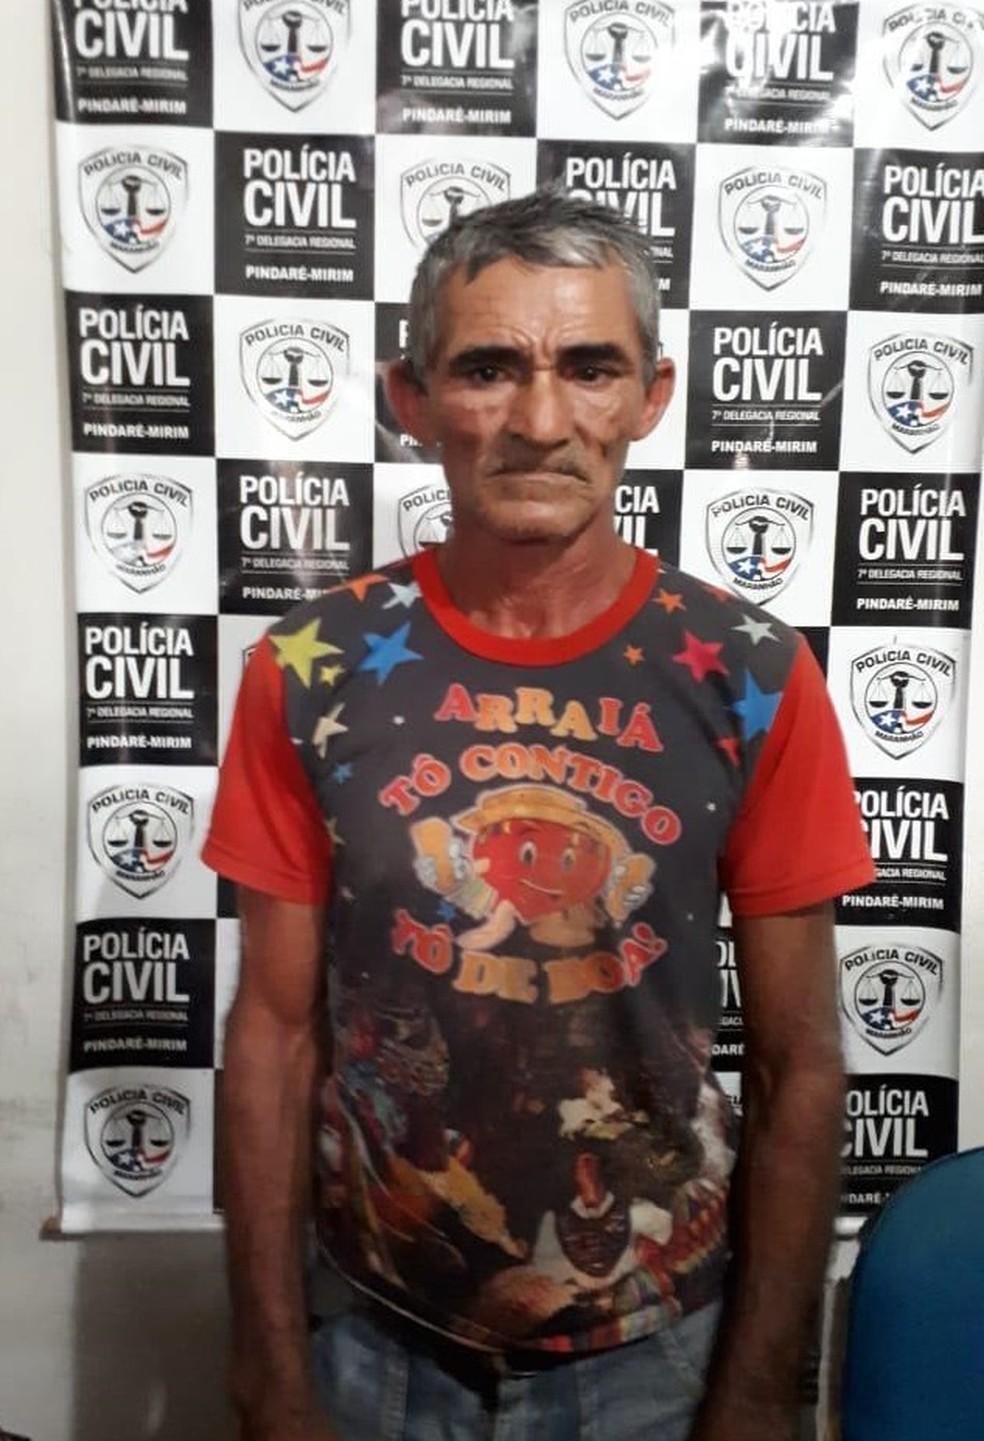 Edilson Mendes Cutrim foi preso e conduzido para Delegacia de Pindaré Mirim — Foto: Divulgação/Polícia